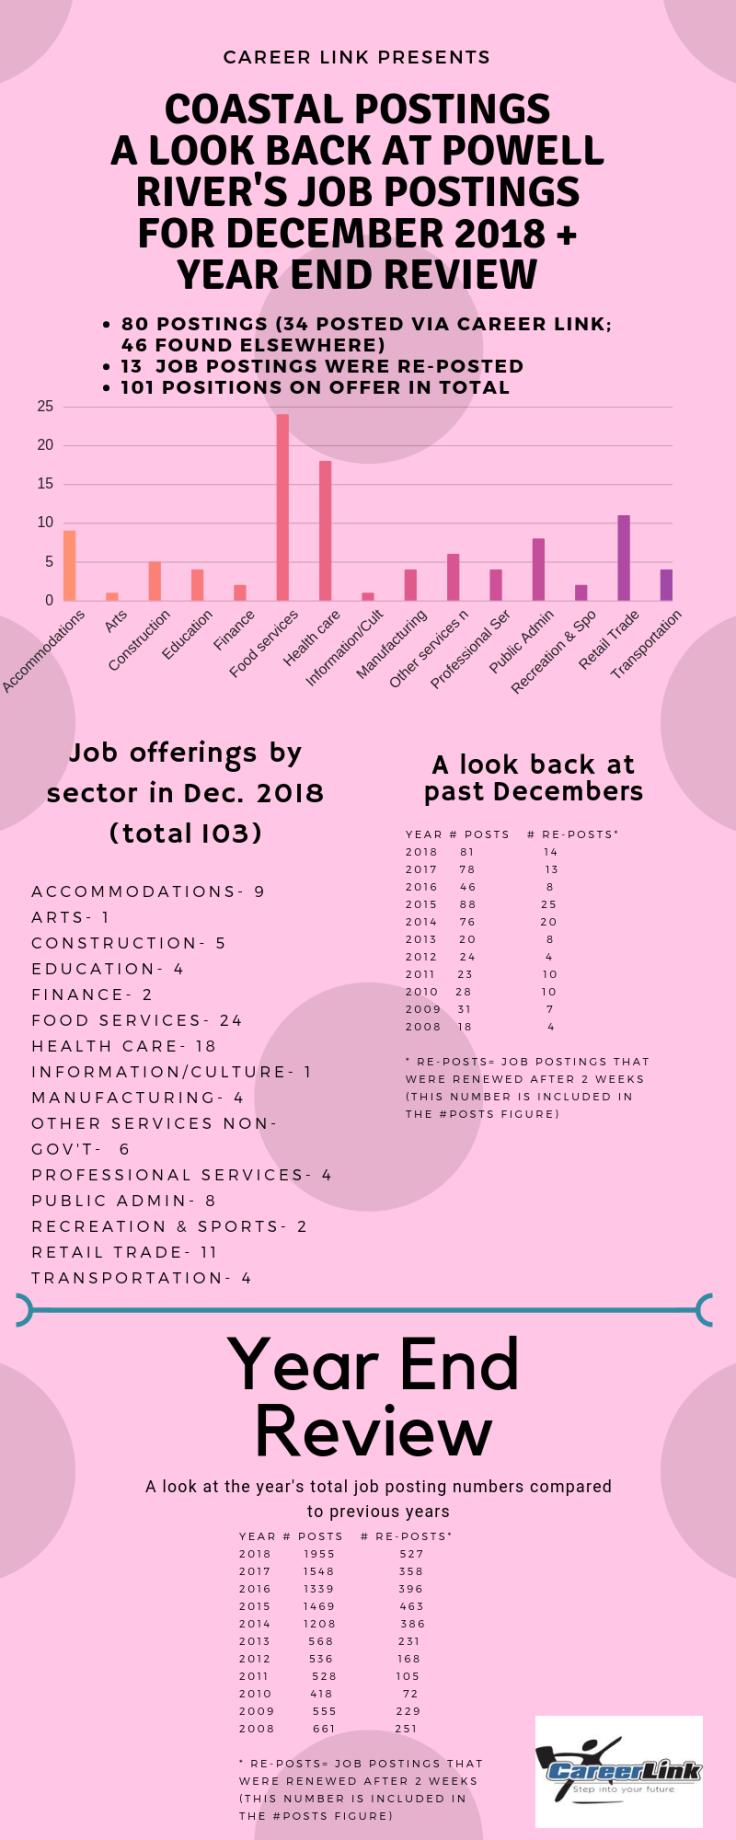 COASTAL POSTINGS DECEMBER 2018 (1)